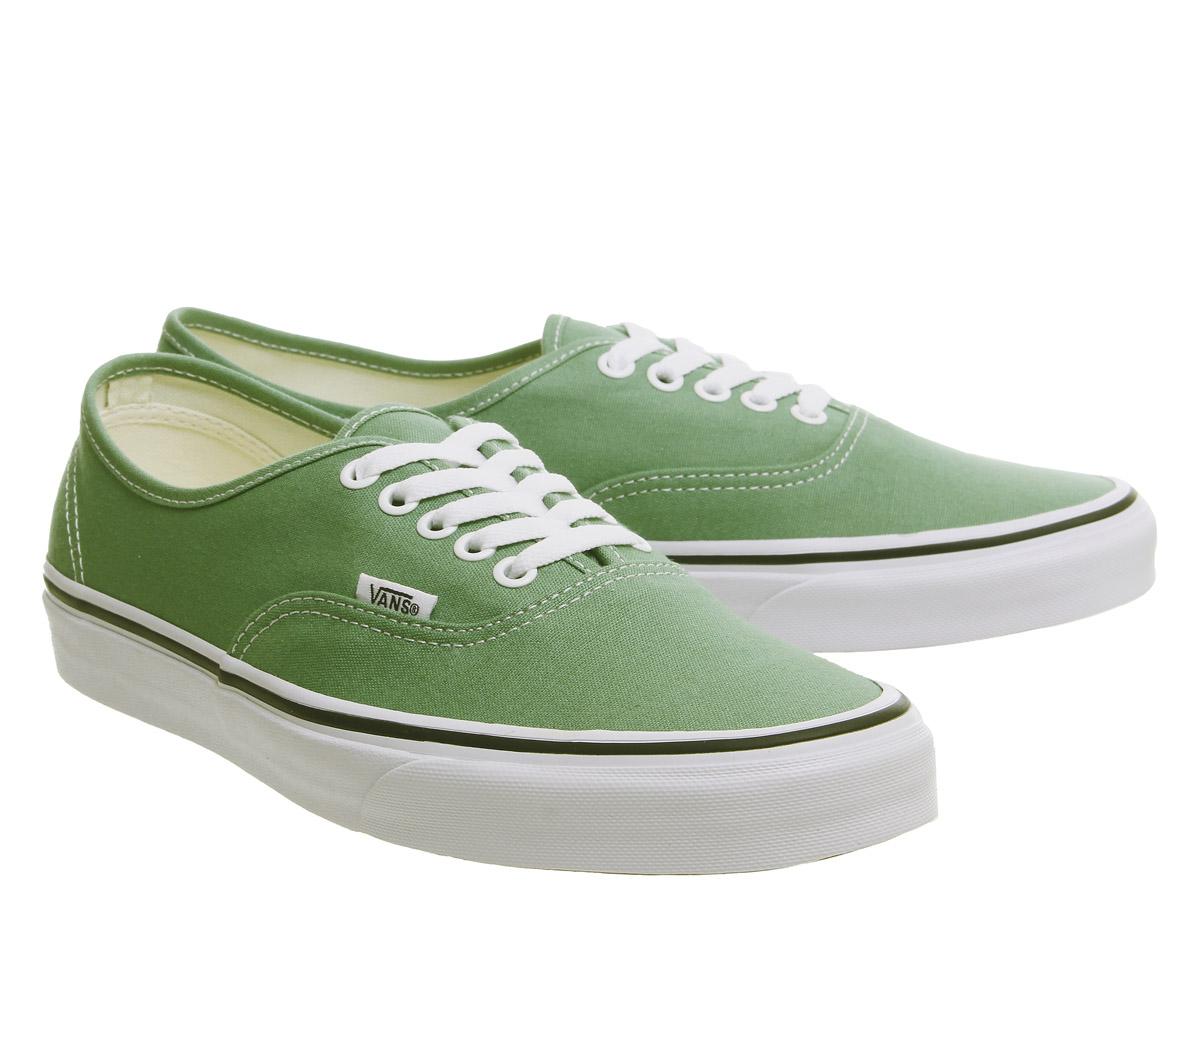 de4700372bc90d Sentinel Mens Vans Authentic Trainers Deep Grass Green True White Trainers  Shoes